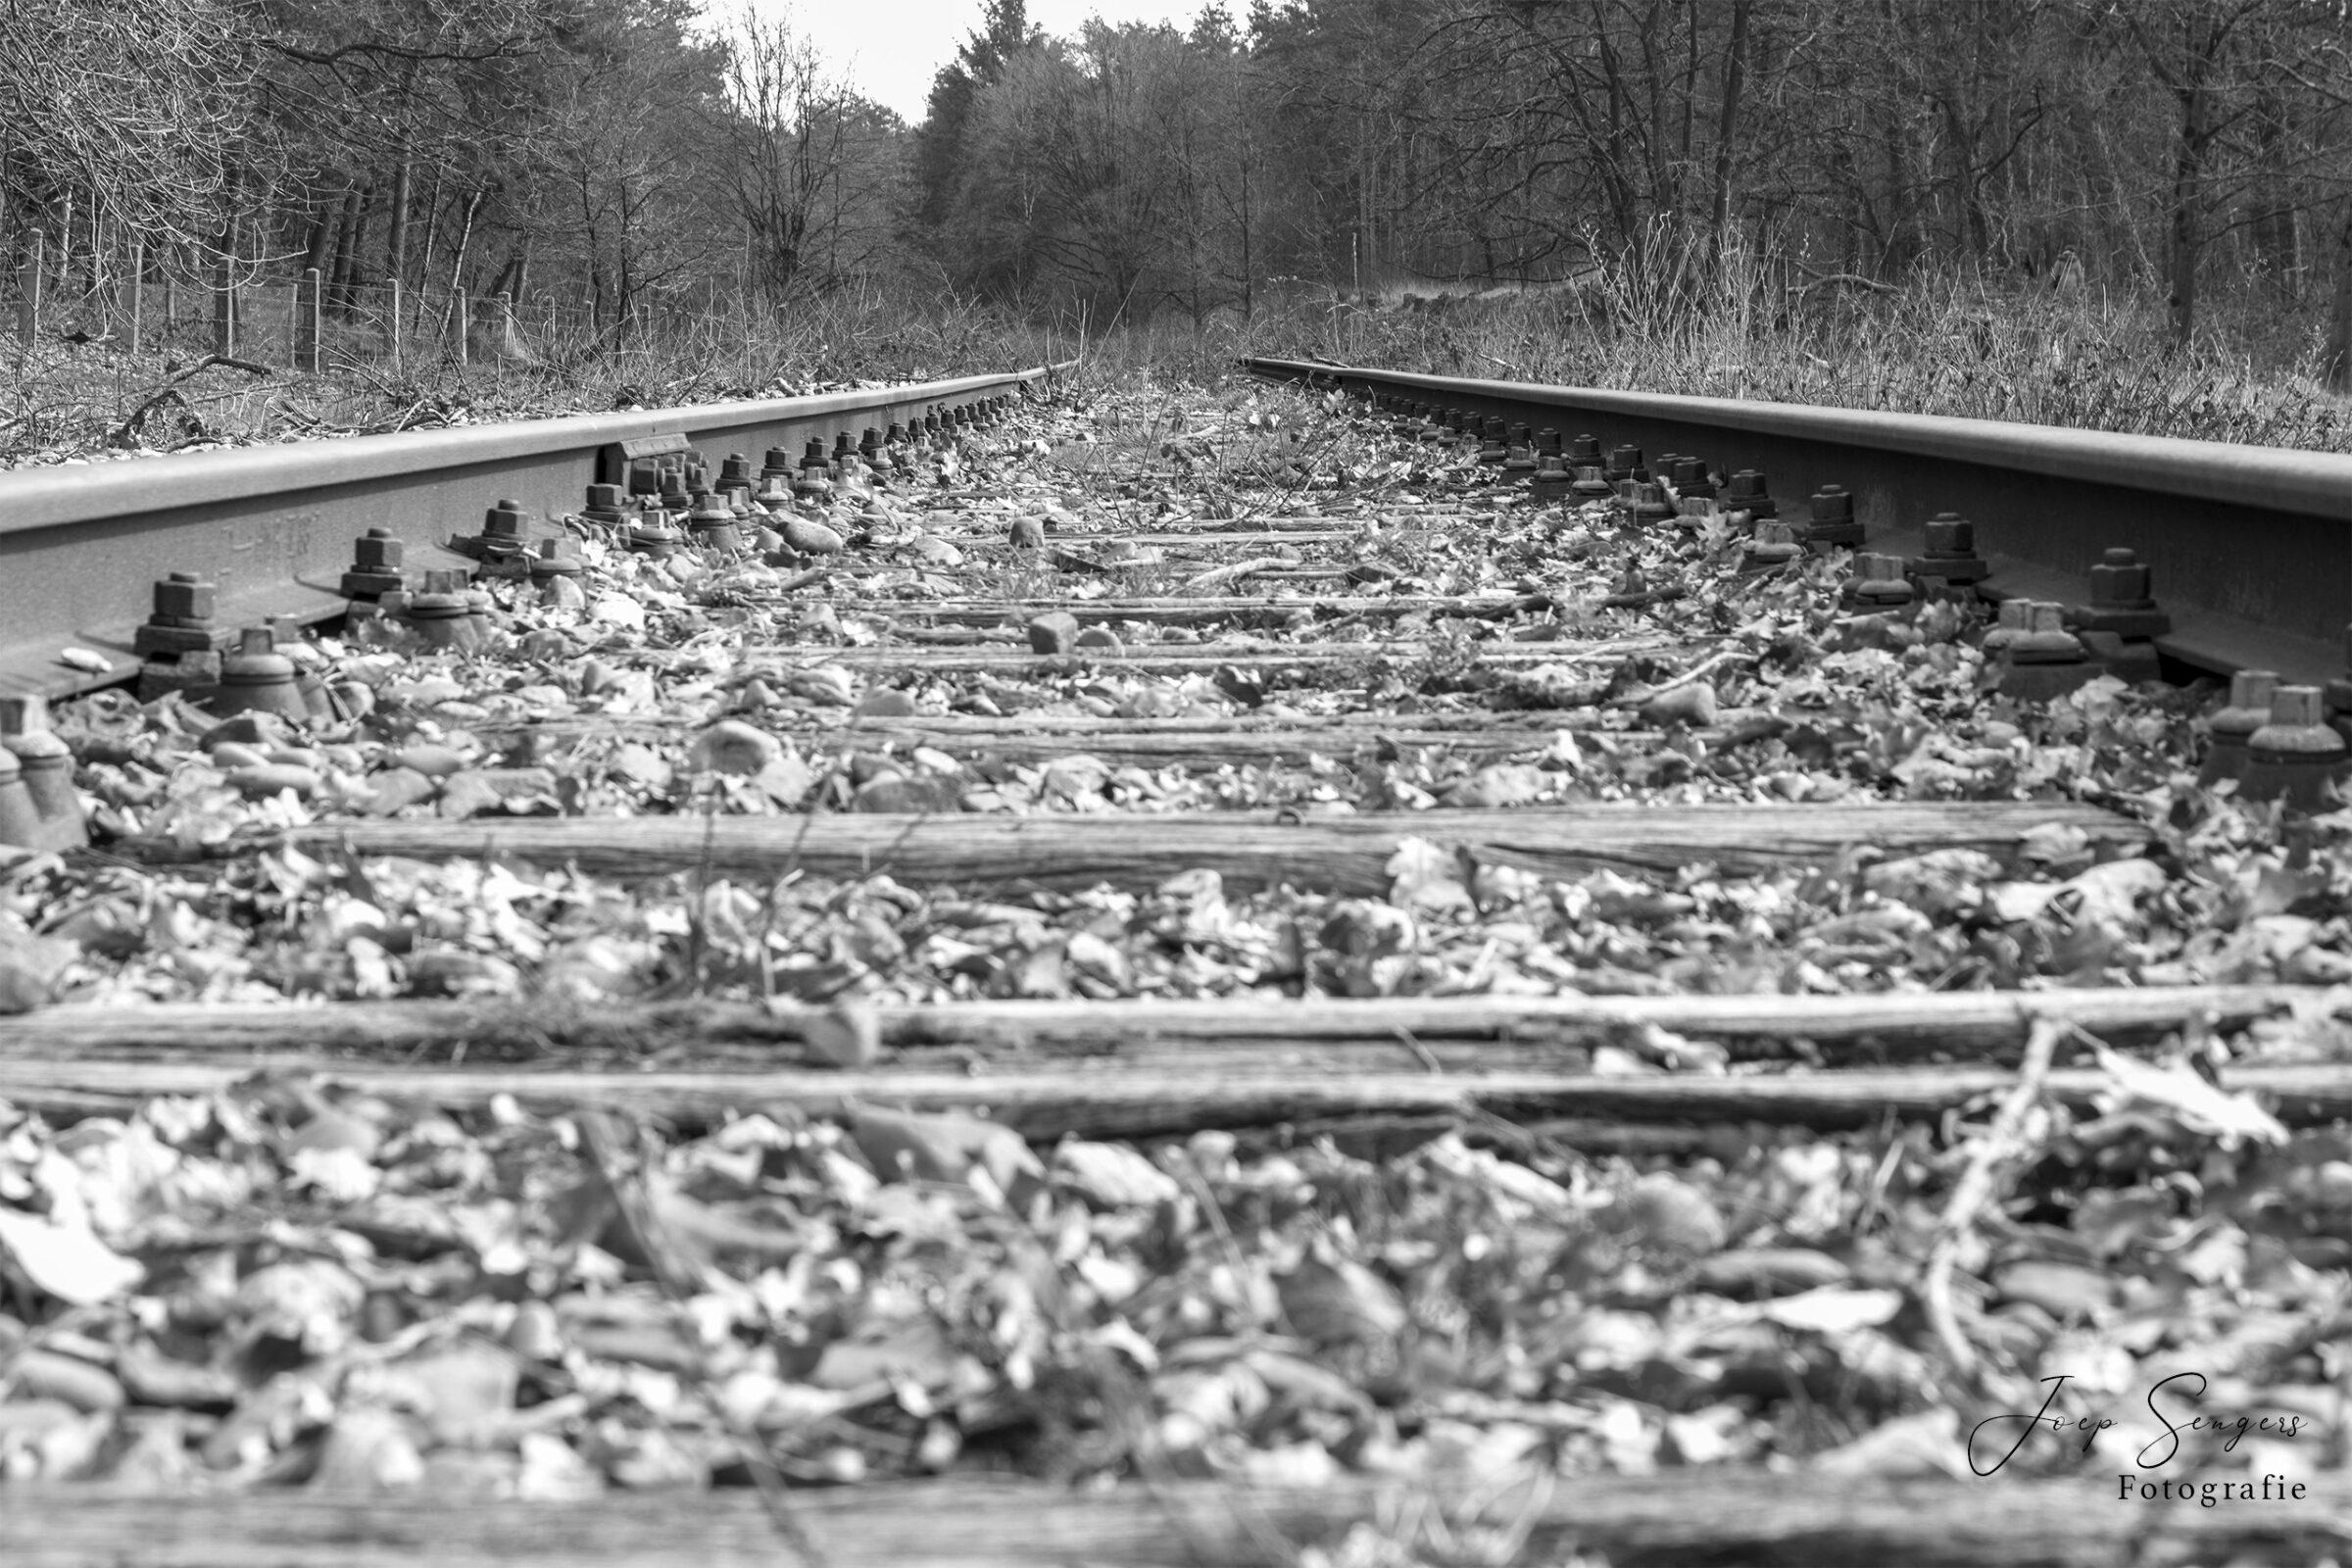 Spoor in Nationaal park de Meinweg